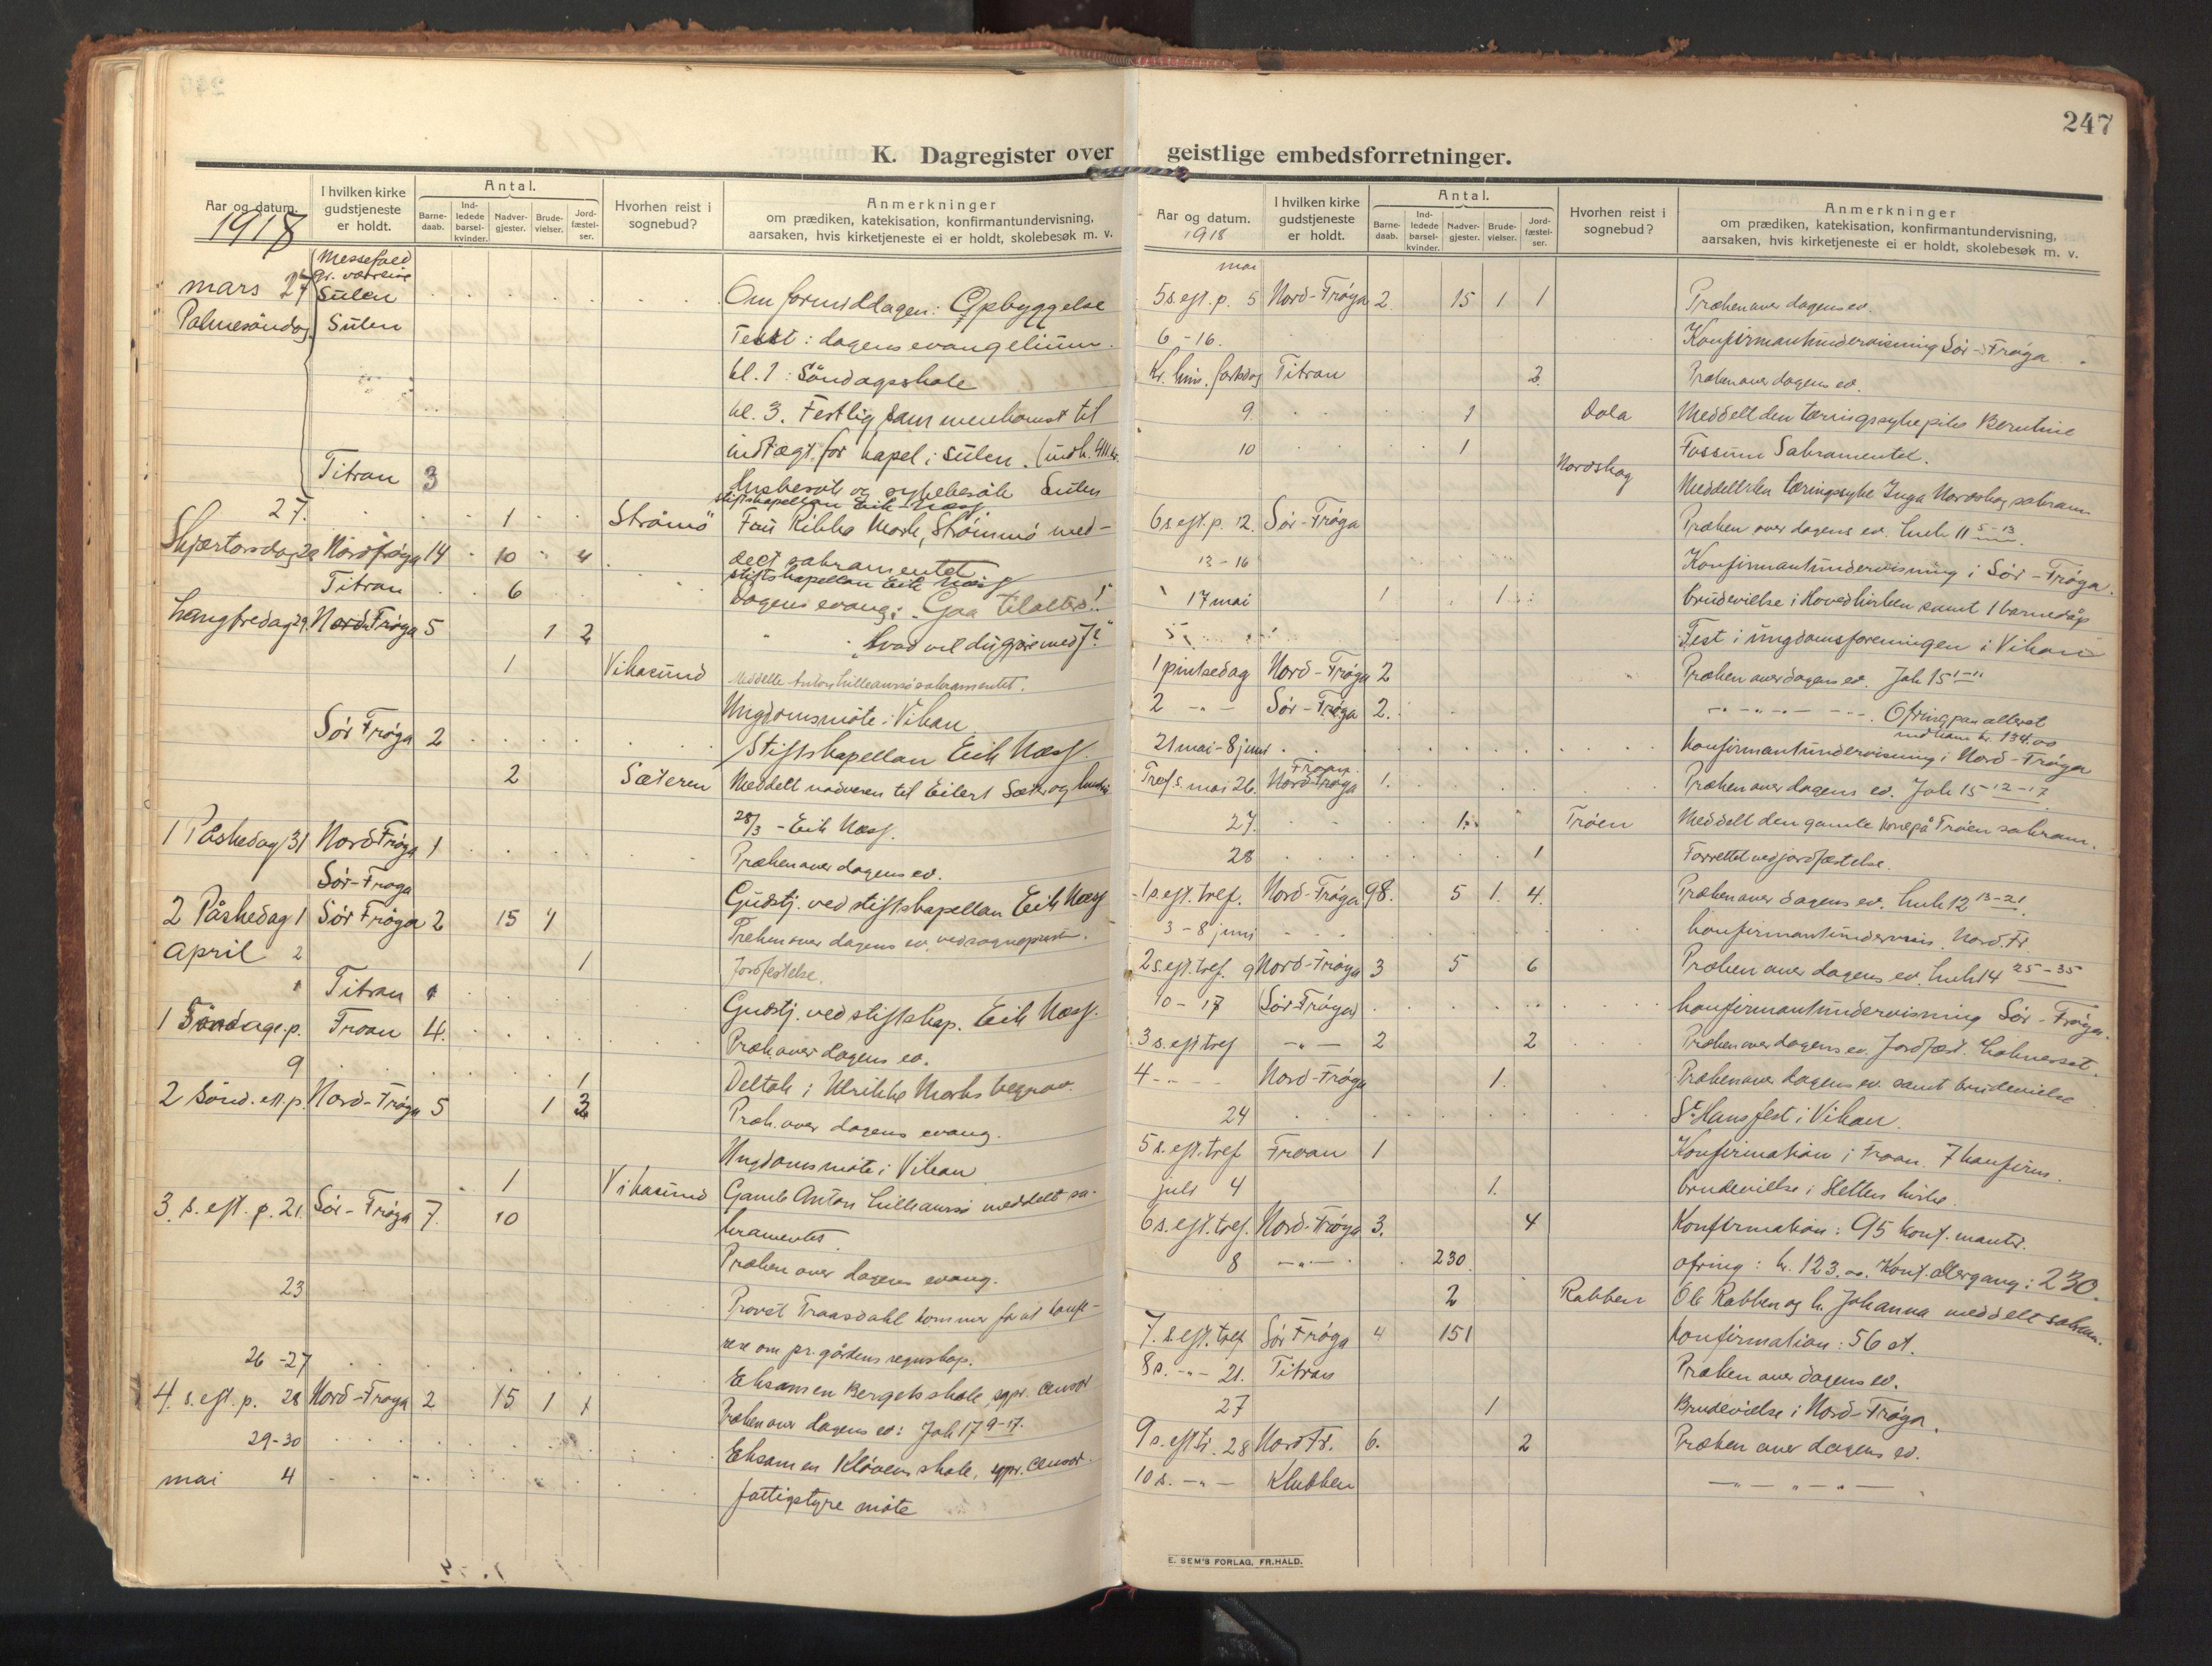 SAT, Ministerialprotokoller, klokkerbøker og fødselsregistre - Sør-Trøndelag, 640/L0581: Ministerialbok nr. 640A06, 1910-1924, s. 247